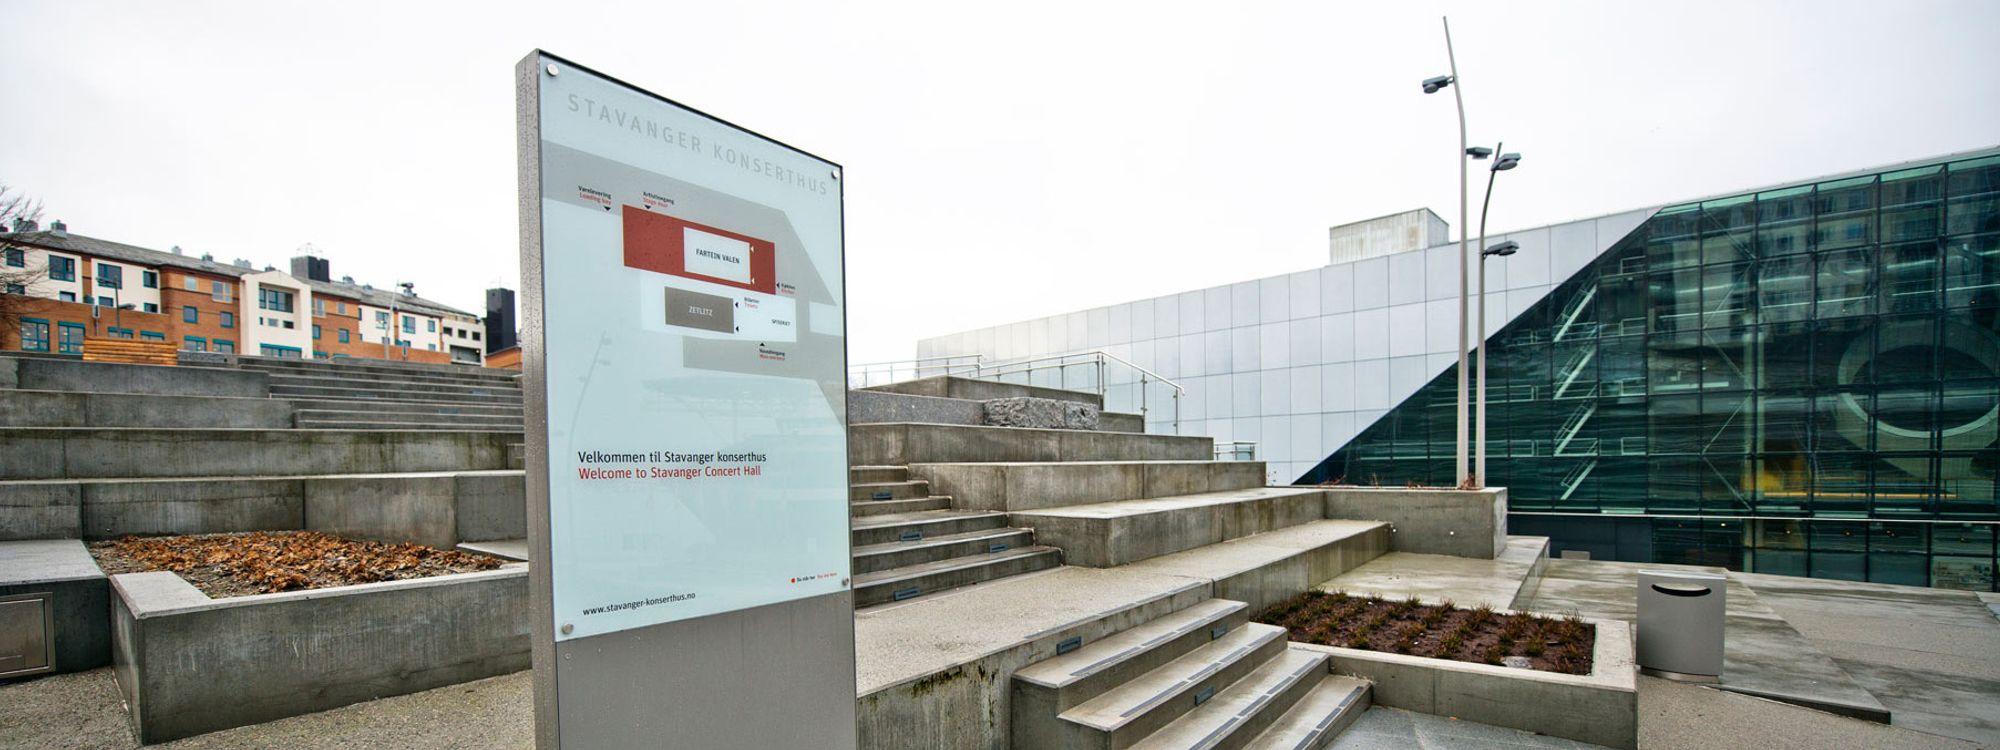 Skiltprogram – Stavanger konserthus